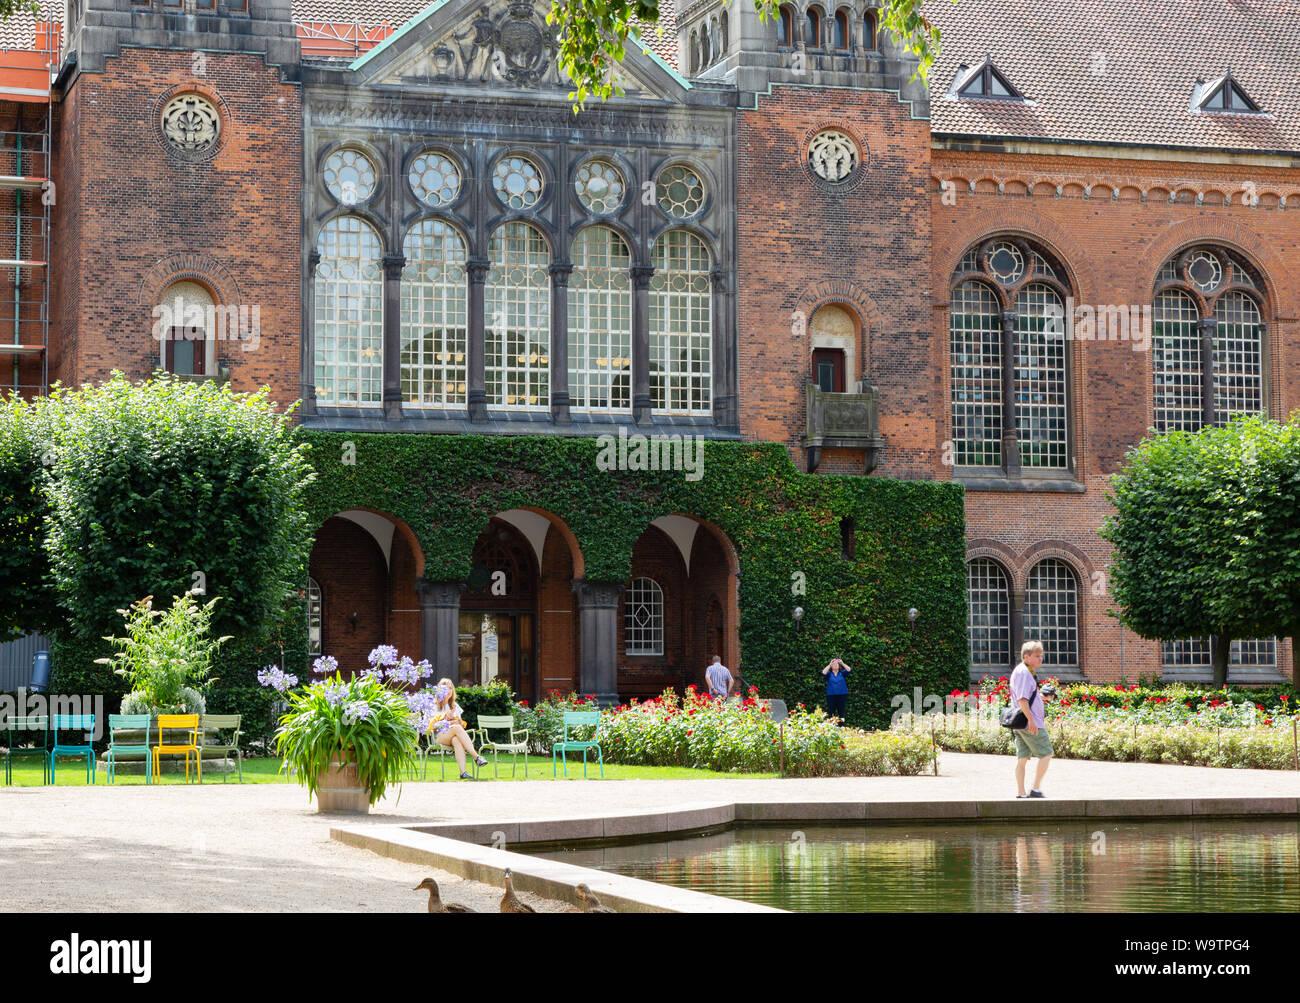 Royal Library Garden, and Royal Danish Library building, Copenhagen Denmark Scandinavia Europe Stock Photo